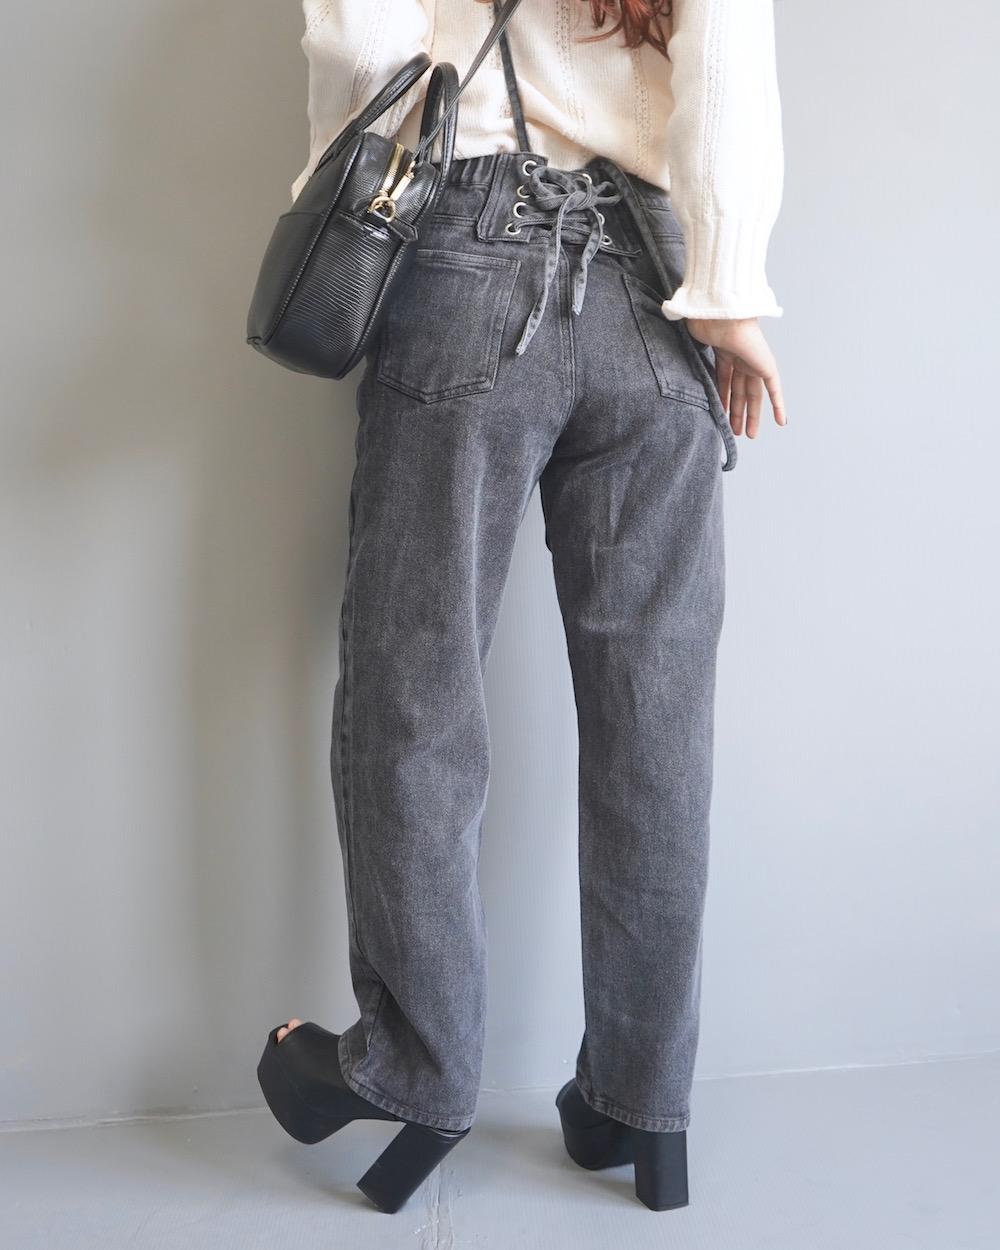 Lace-up Suspenders Black Denim Pants